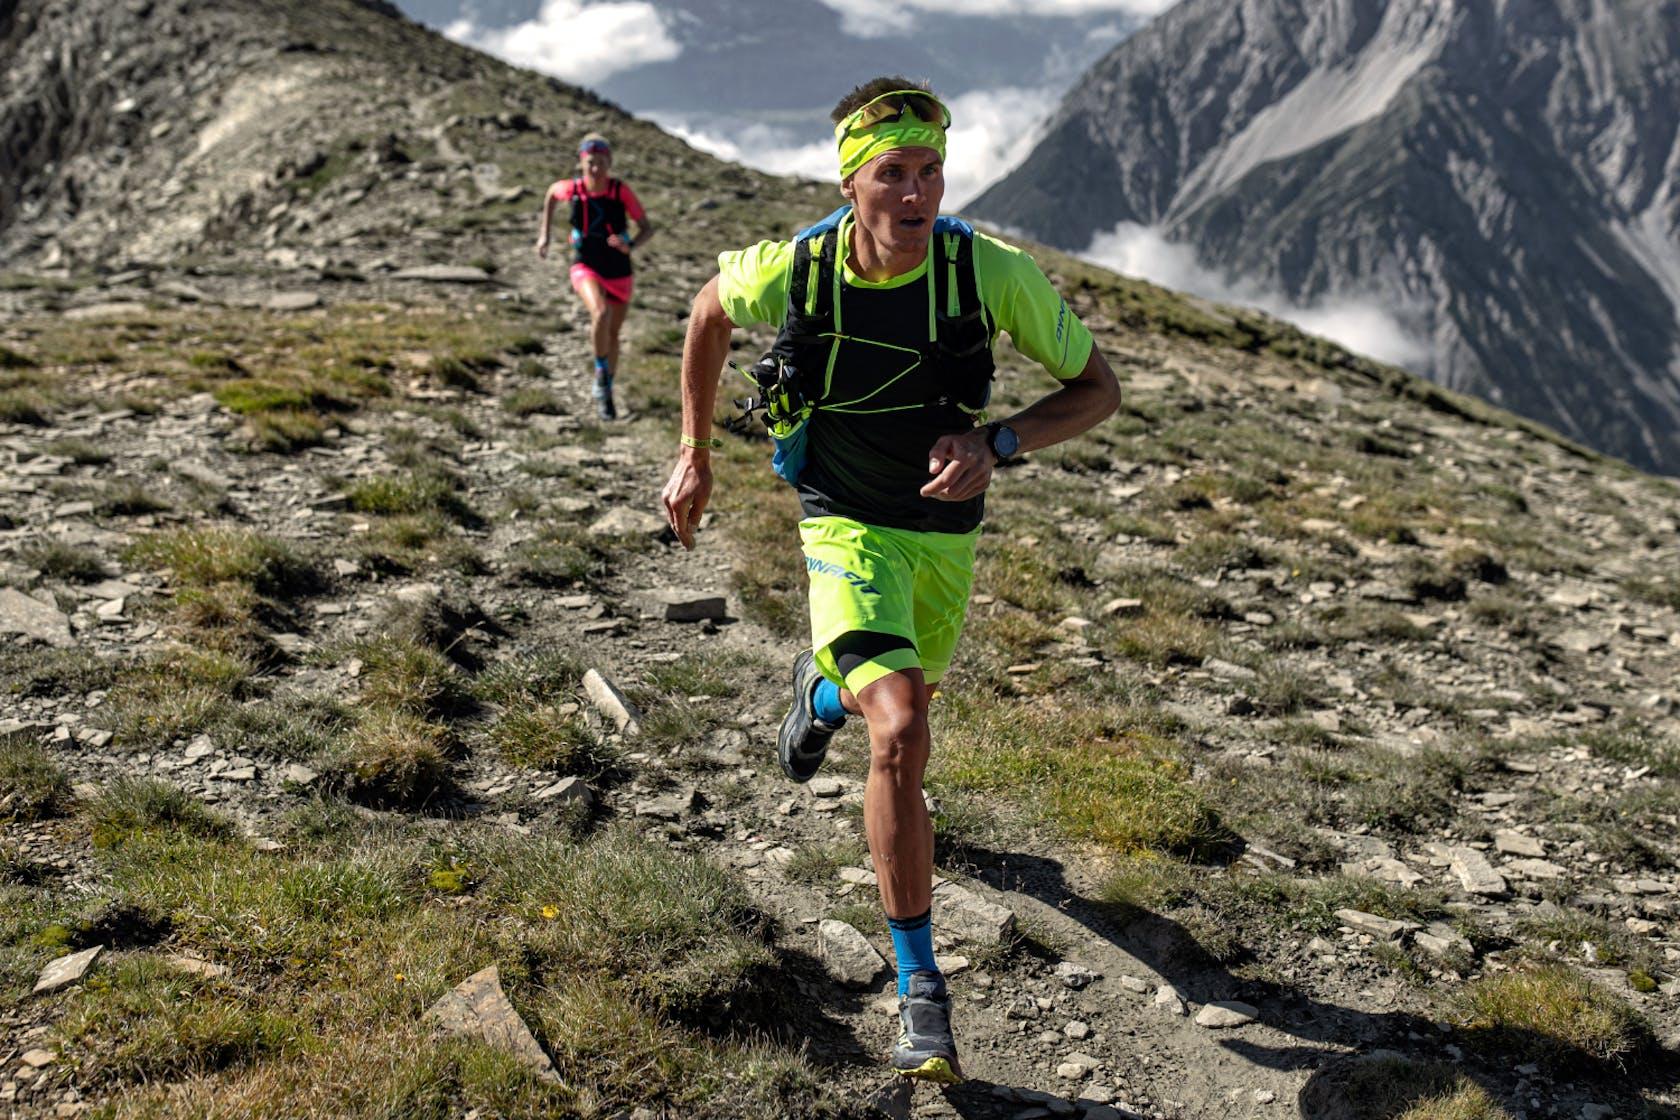 Dynafit trail running